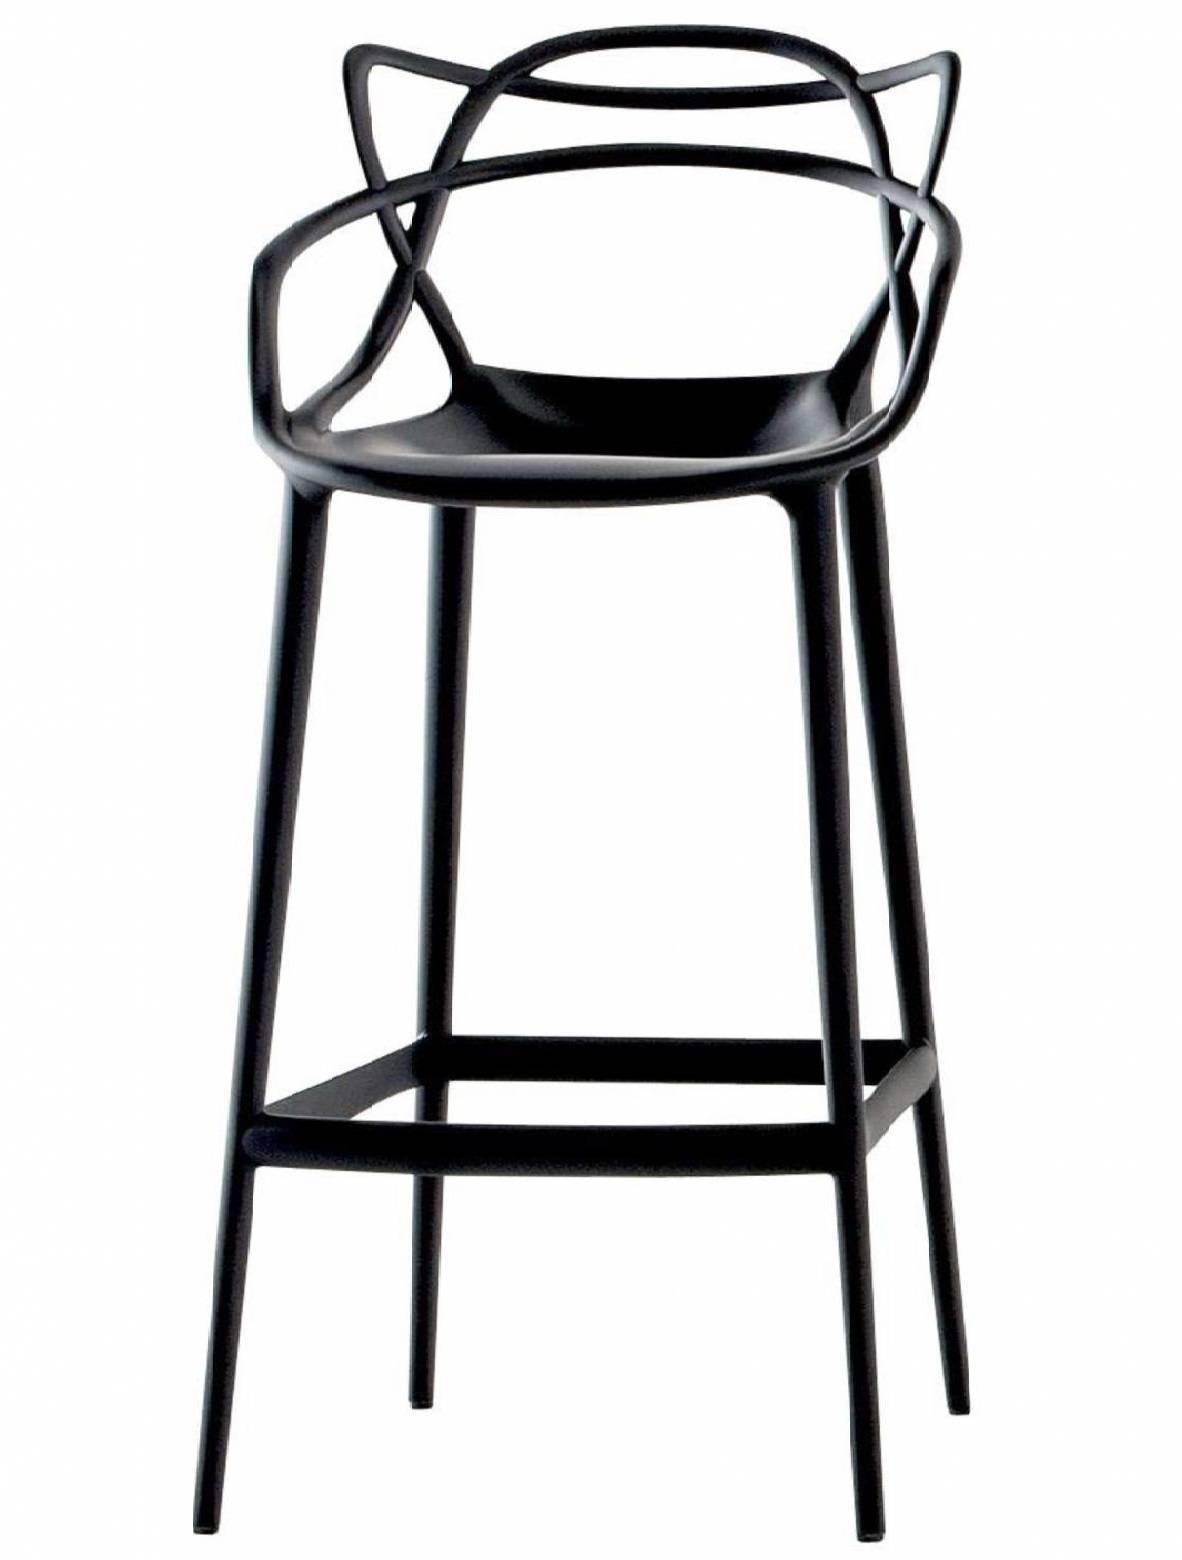 Купить пластиковый барный стул Masters BAR в Raroom